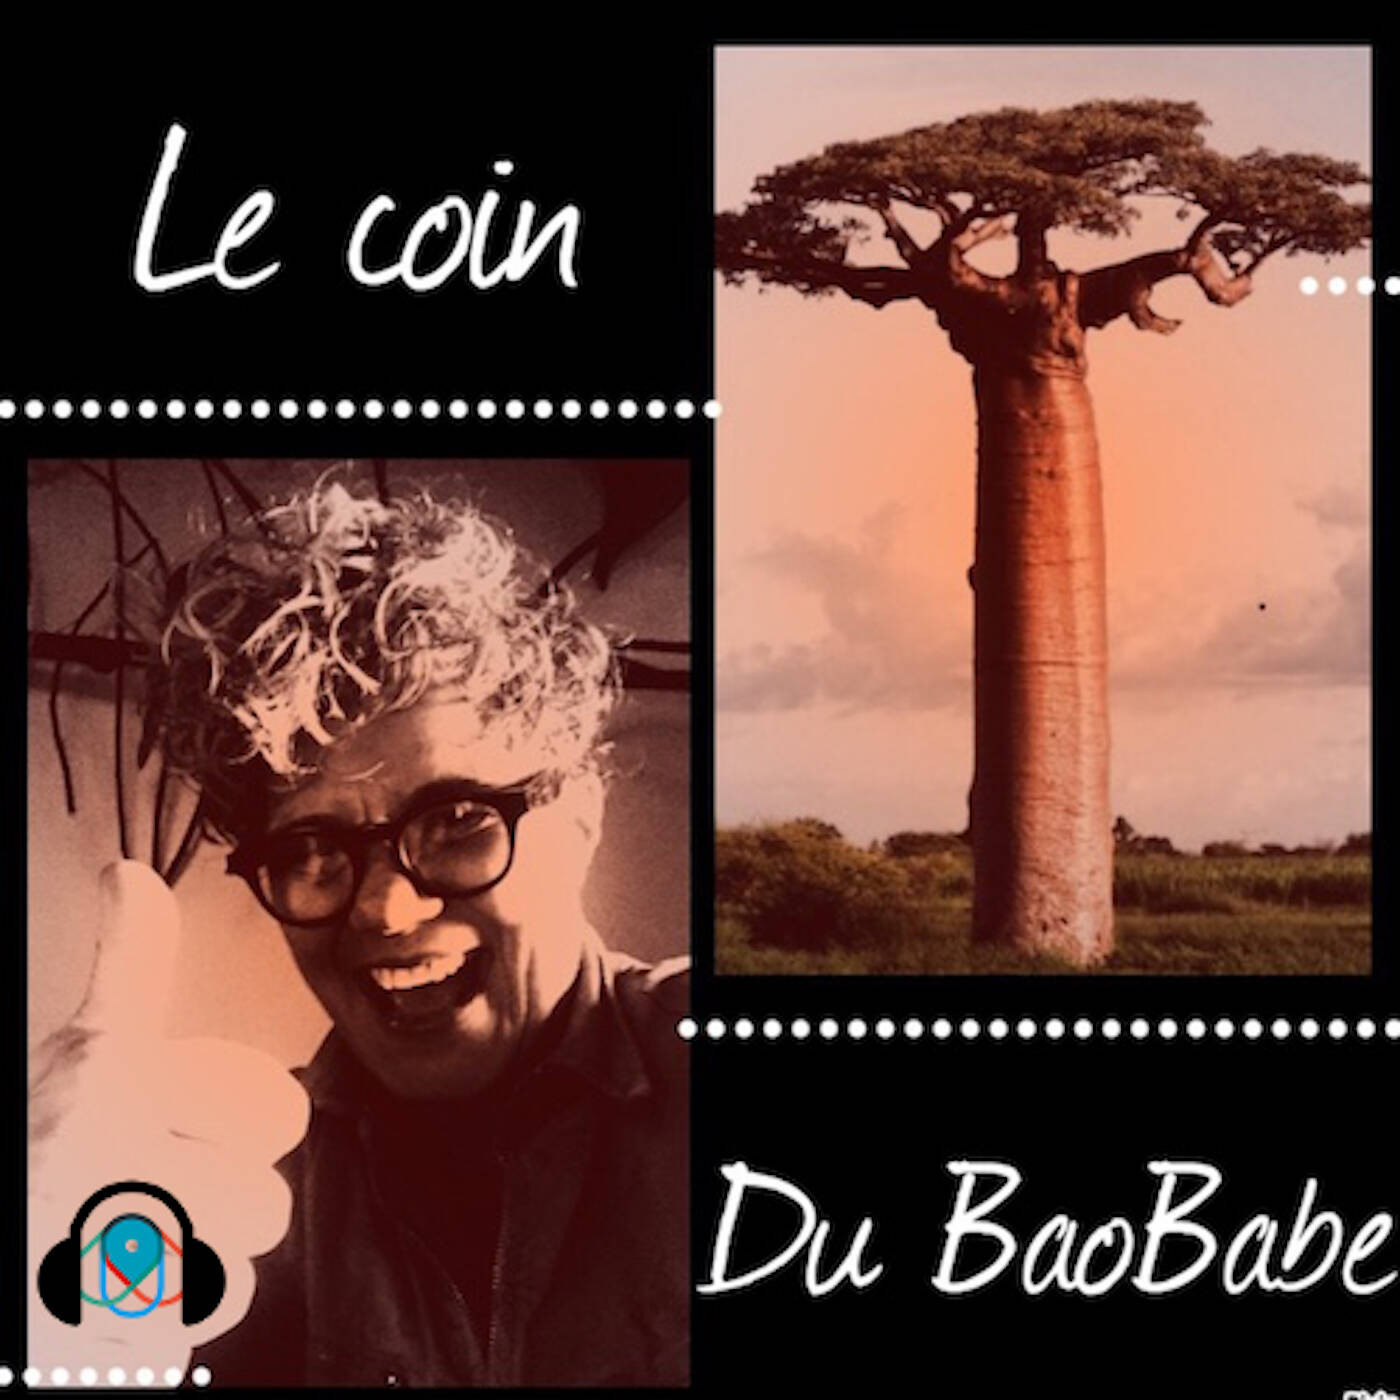 LE COIN DU BAOBABE S1E1